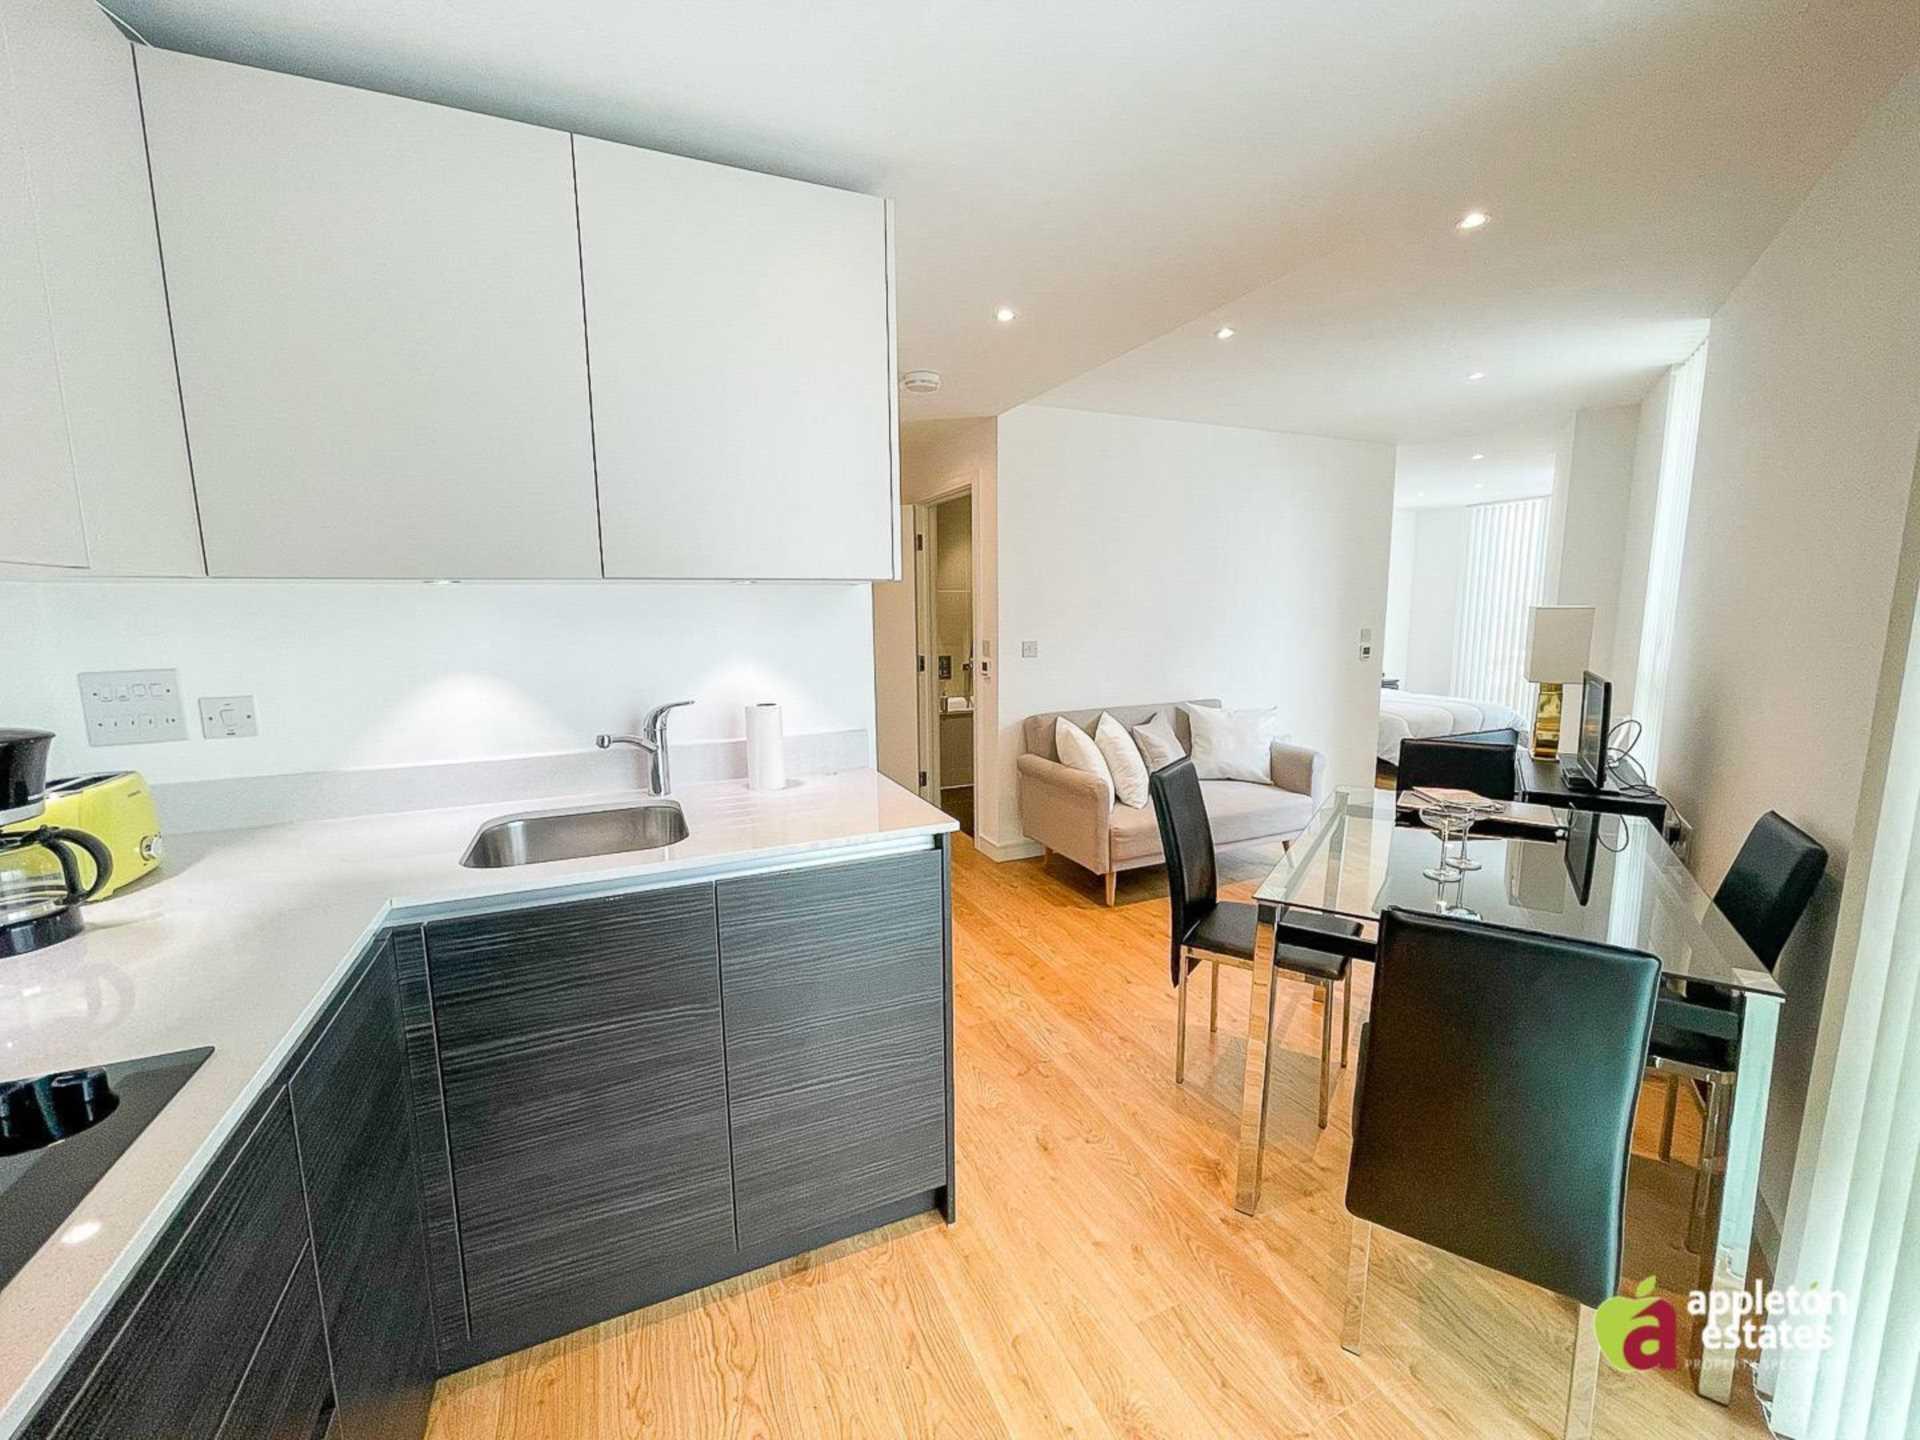 Pinnacle Apartments, Saffron Square, Central Croydon, Image 1